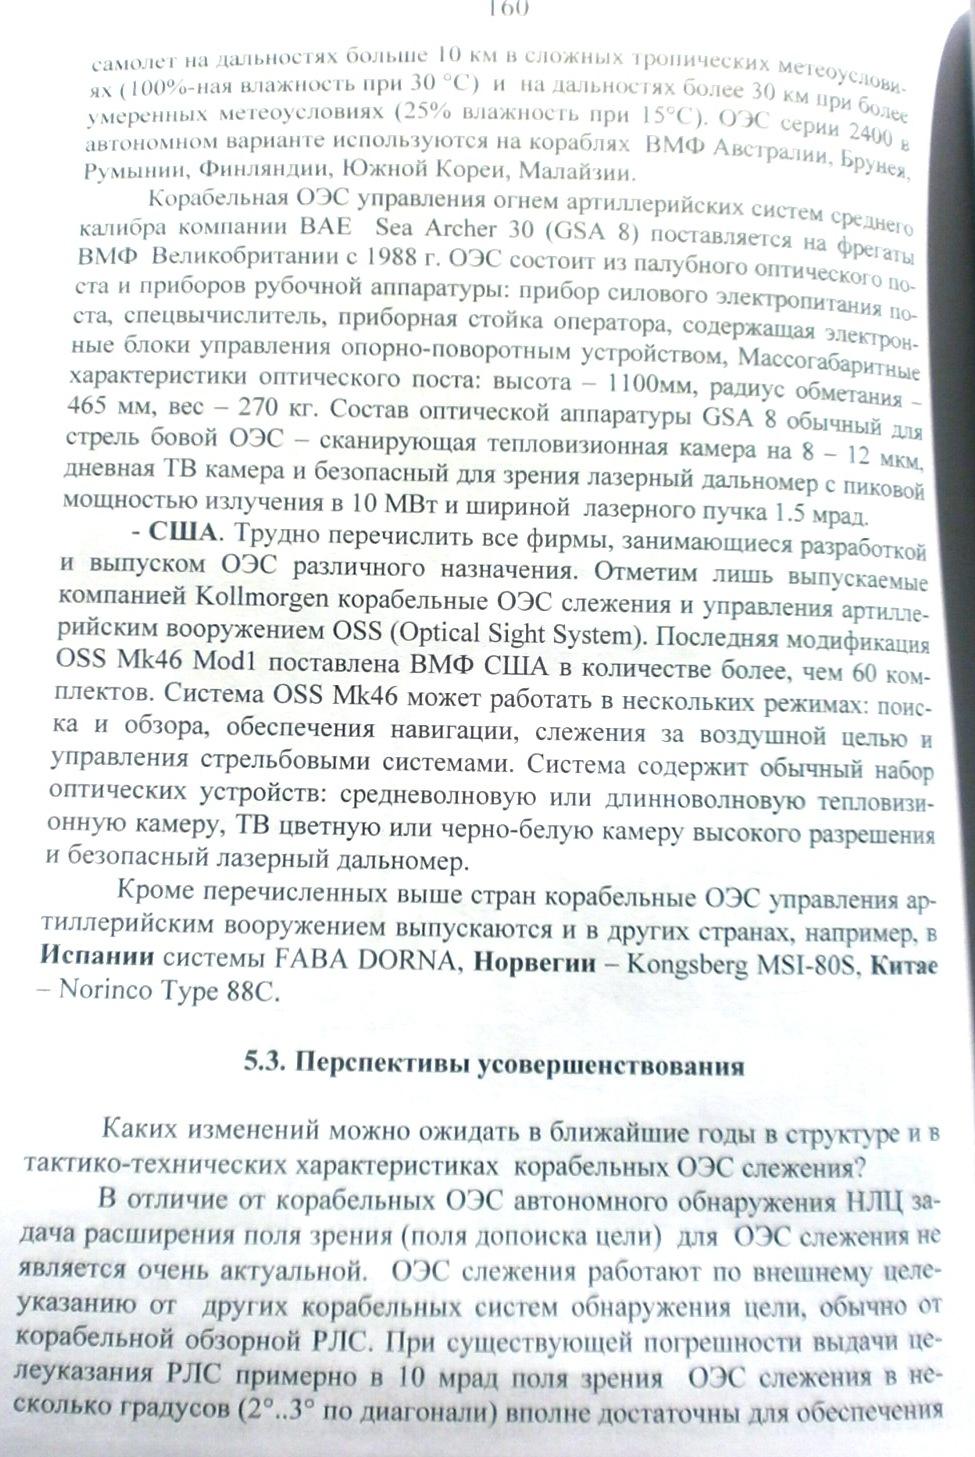 http://s5.uploads.ru/20GzV.jpg